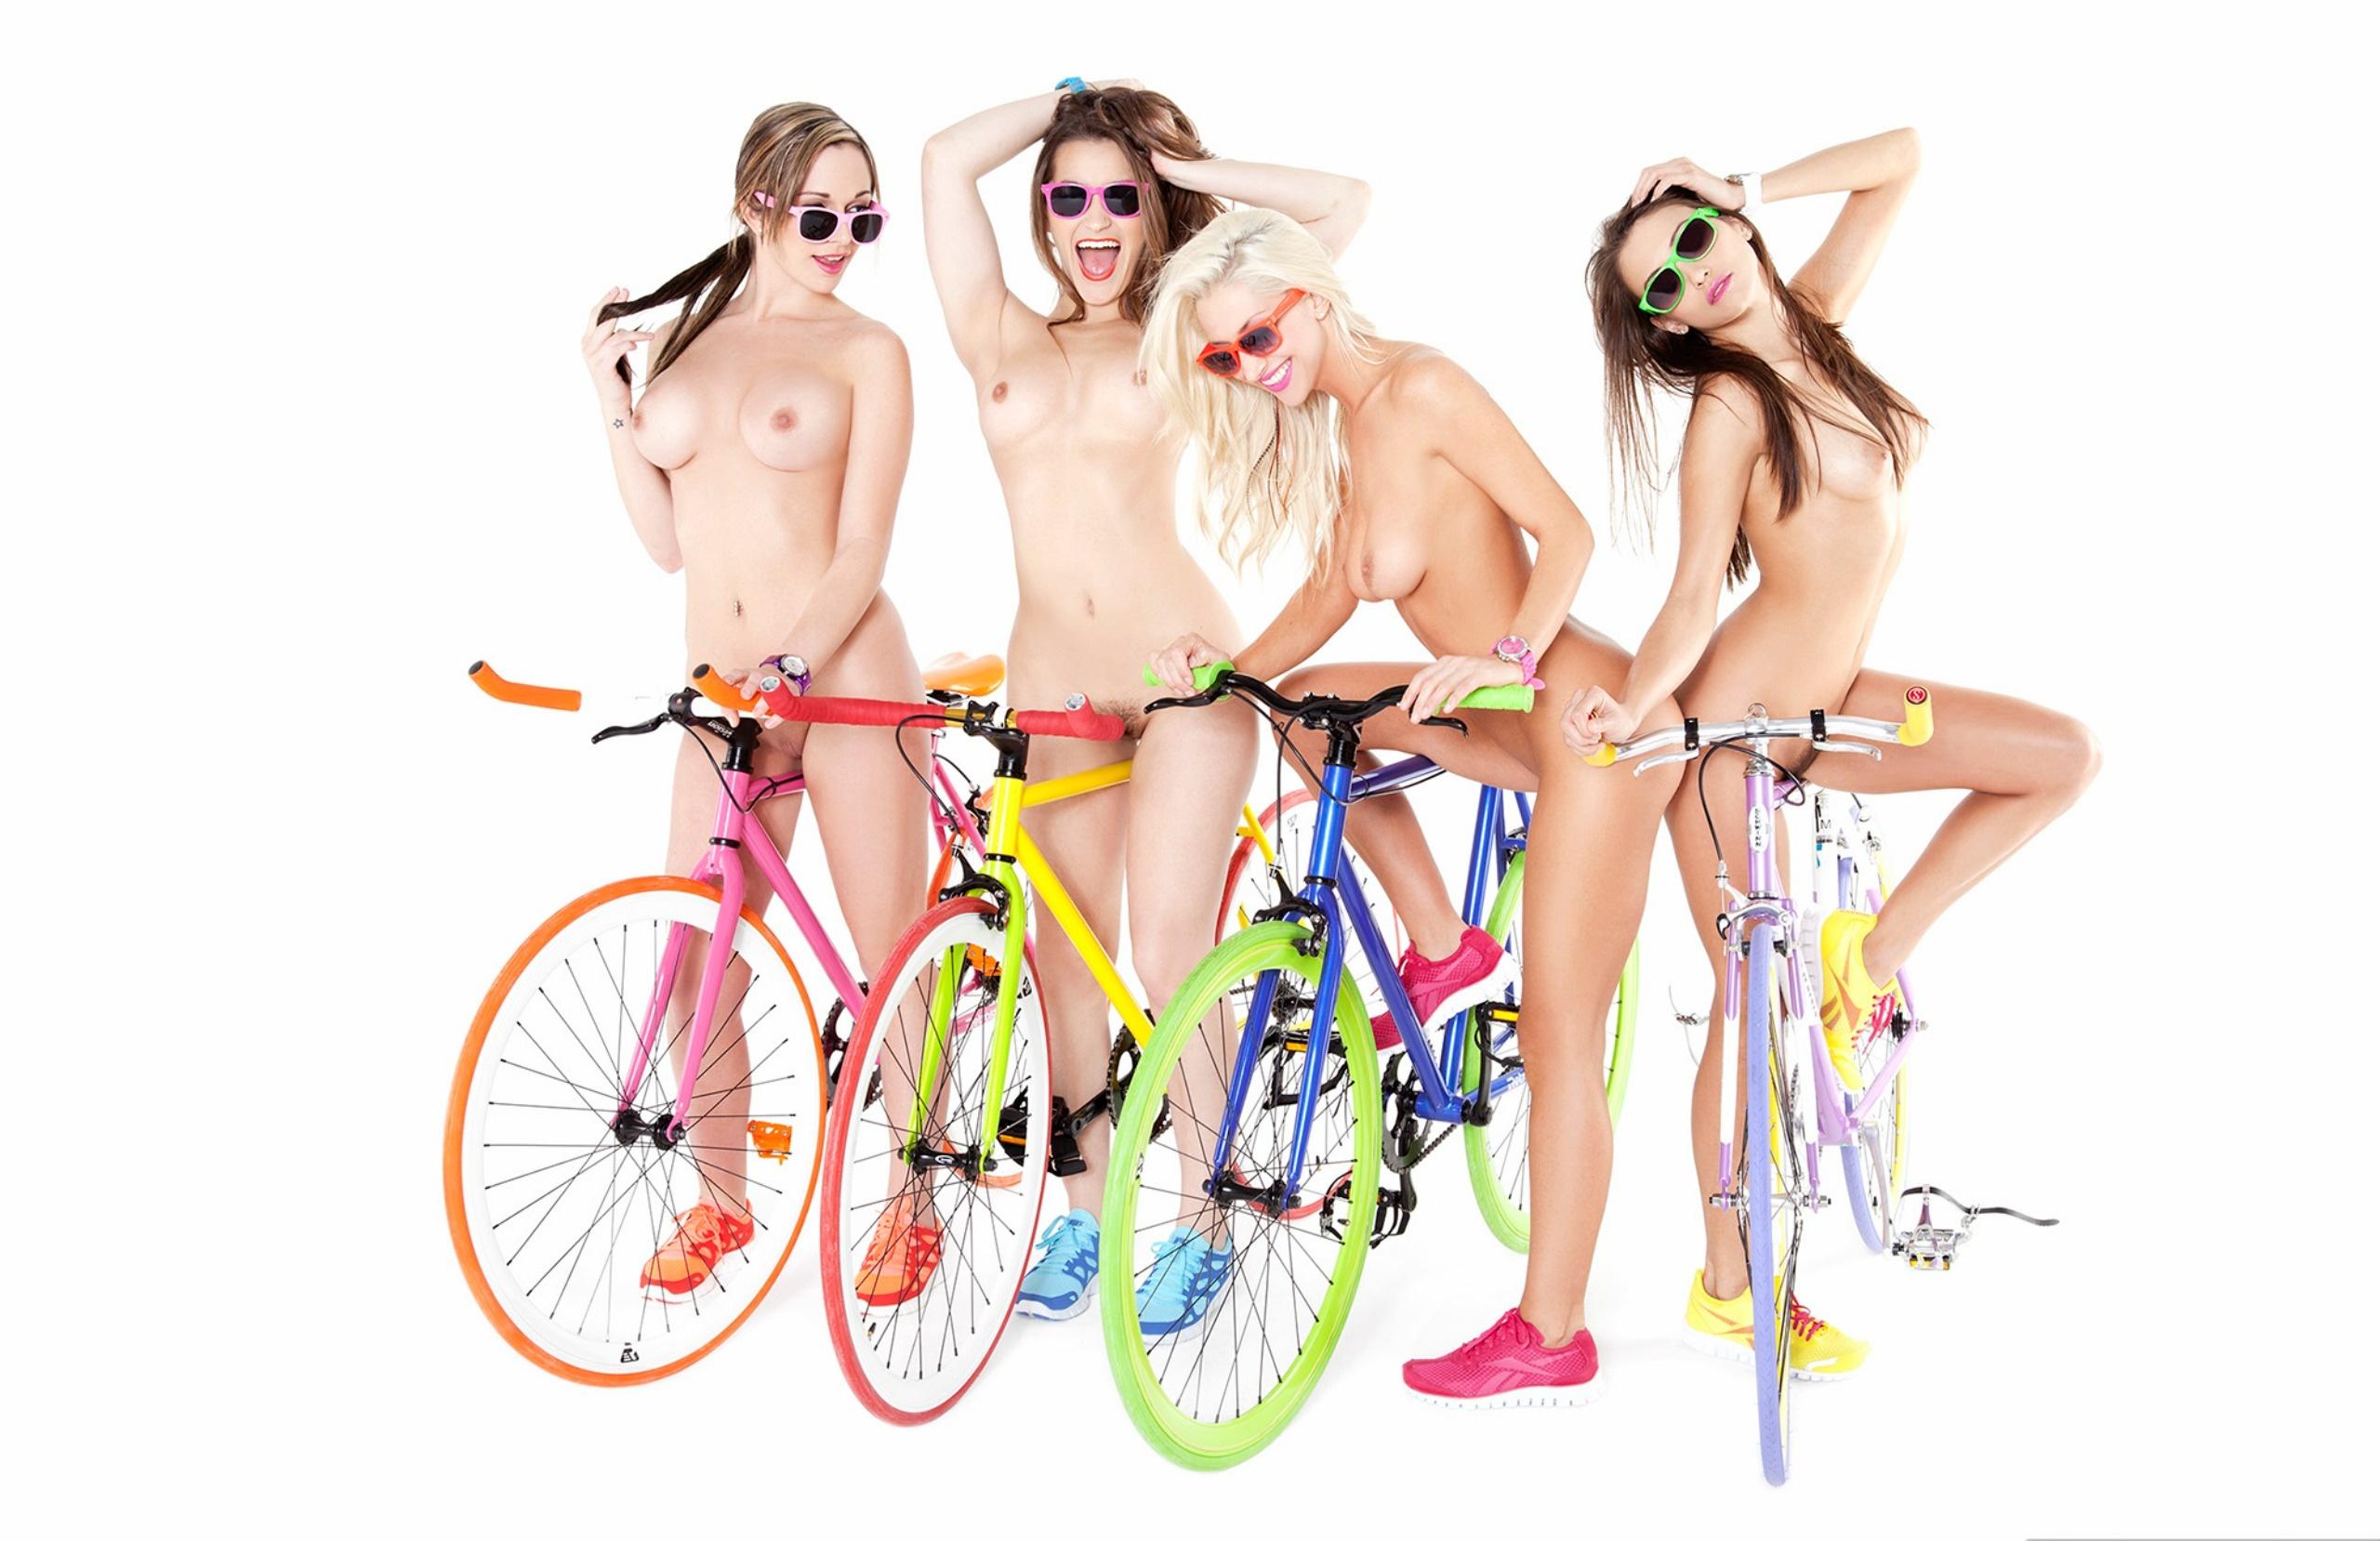 Wallpaper Celeste Star, Sammie Rhodes, Bikes, Tits, Dani -1228